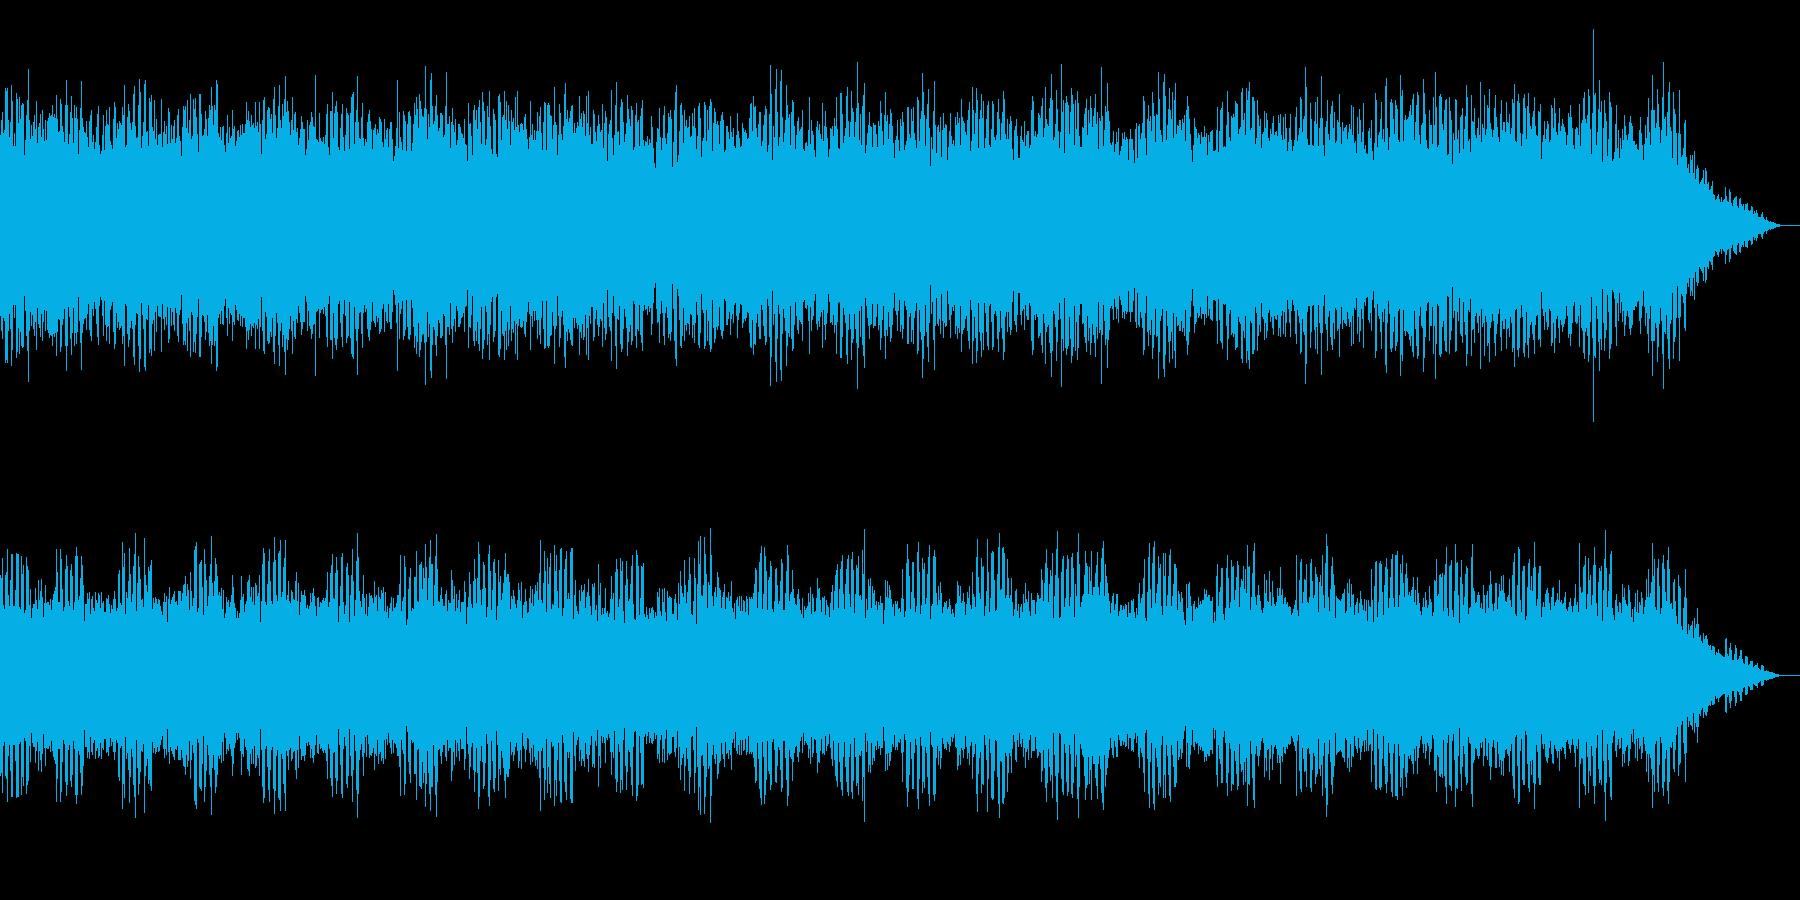 【生録音】夏の虫たちの鳴き声 1 の再生済みの波形